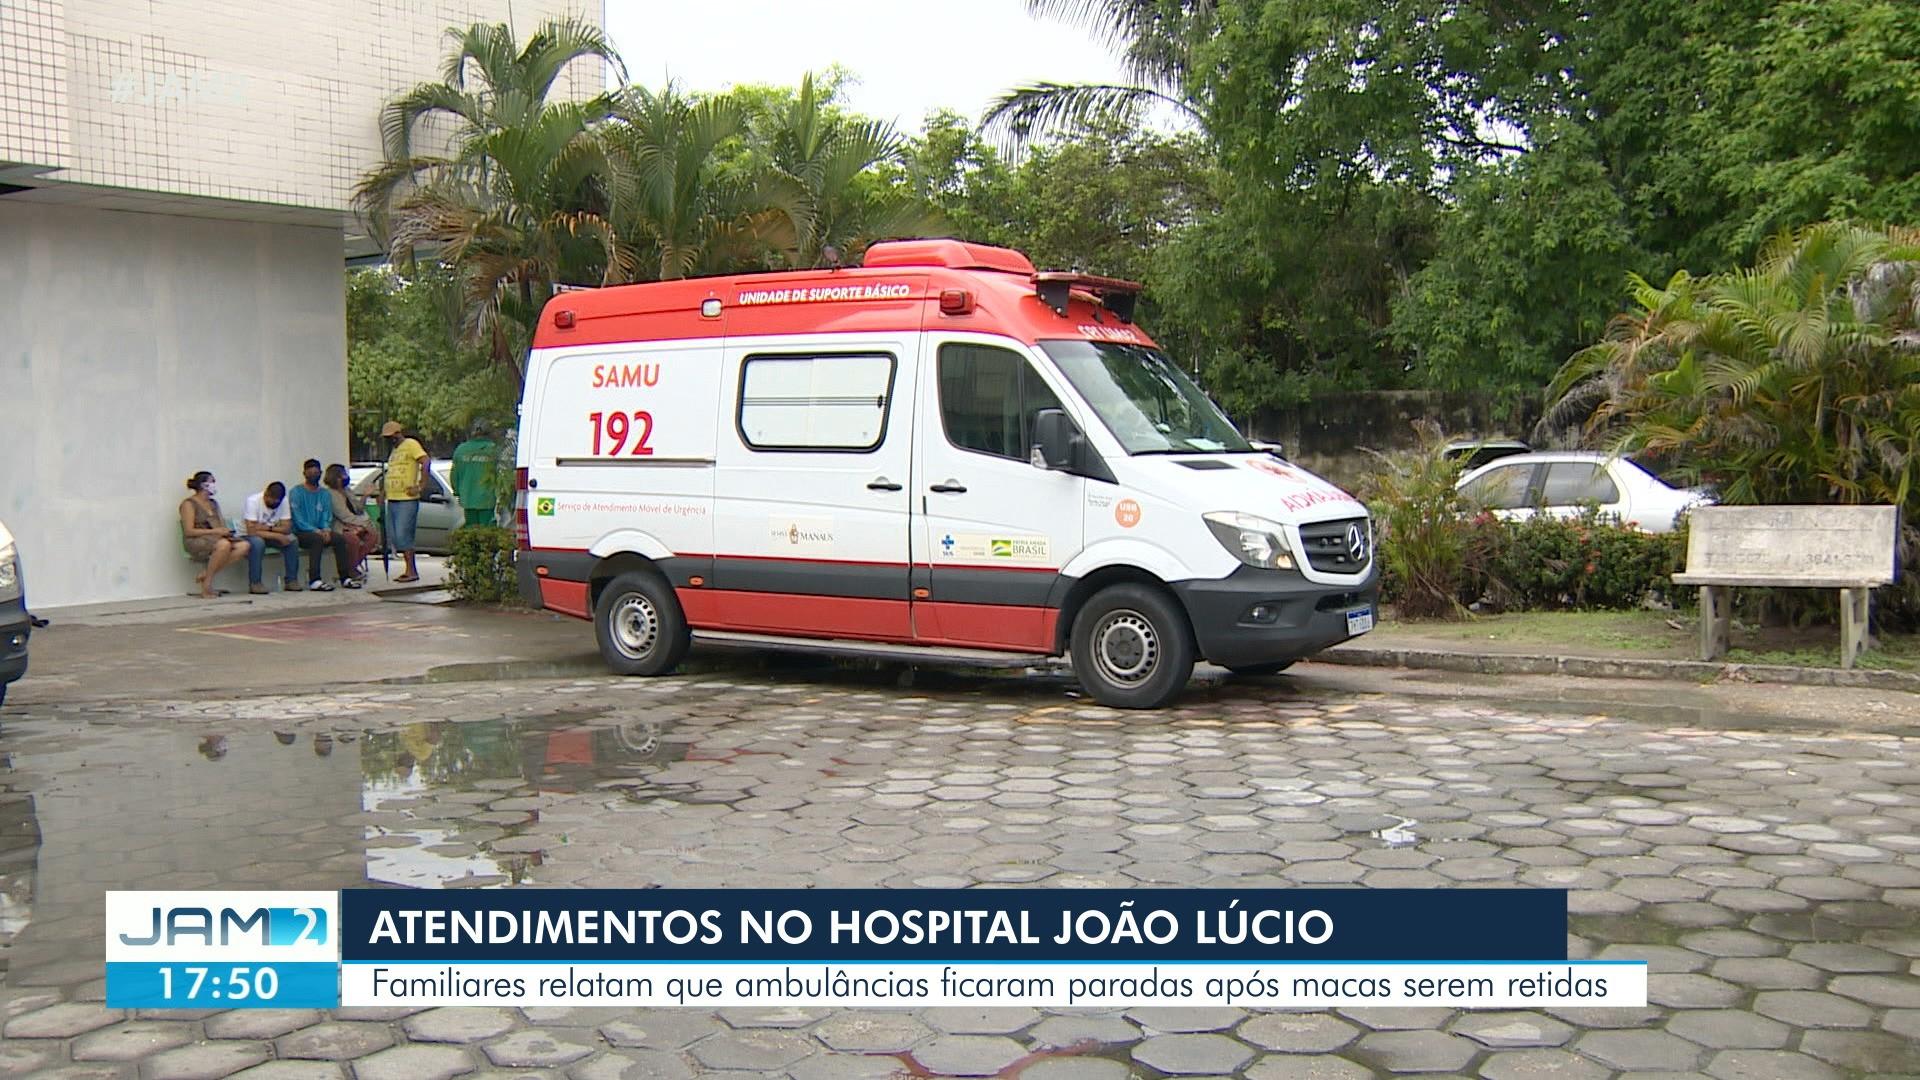 VÍDEOS: Fila e aglomeração são registradas para compra de oxigênio em Manaus; veja destaques do JAM 2